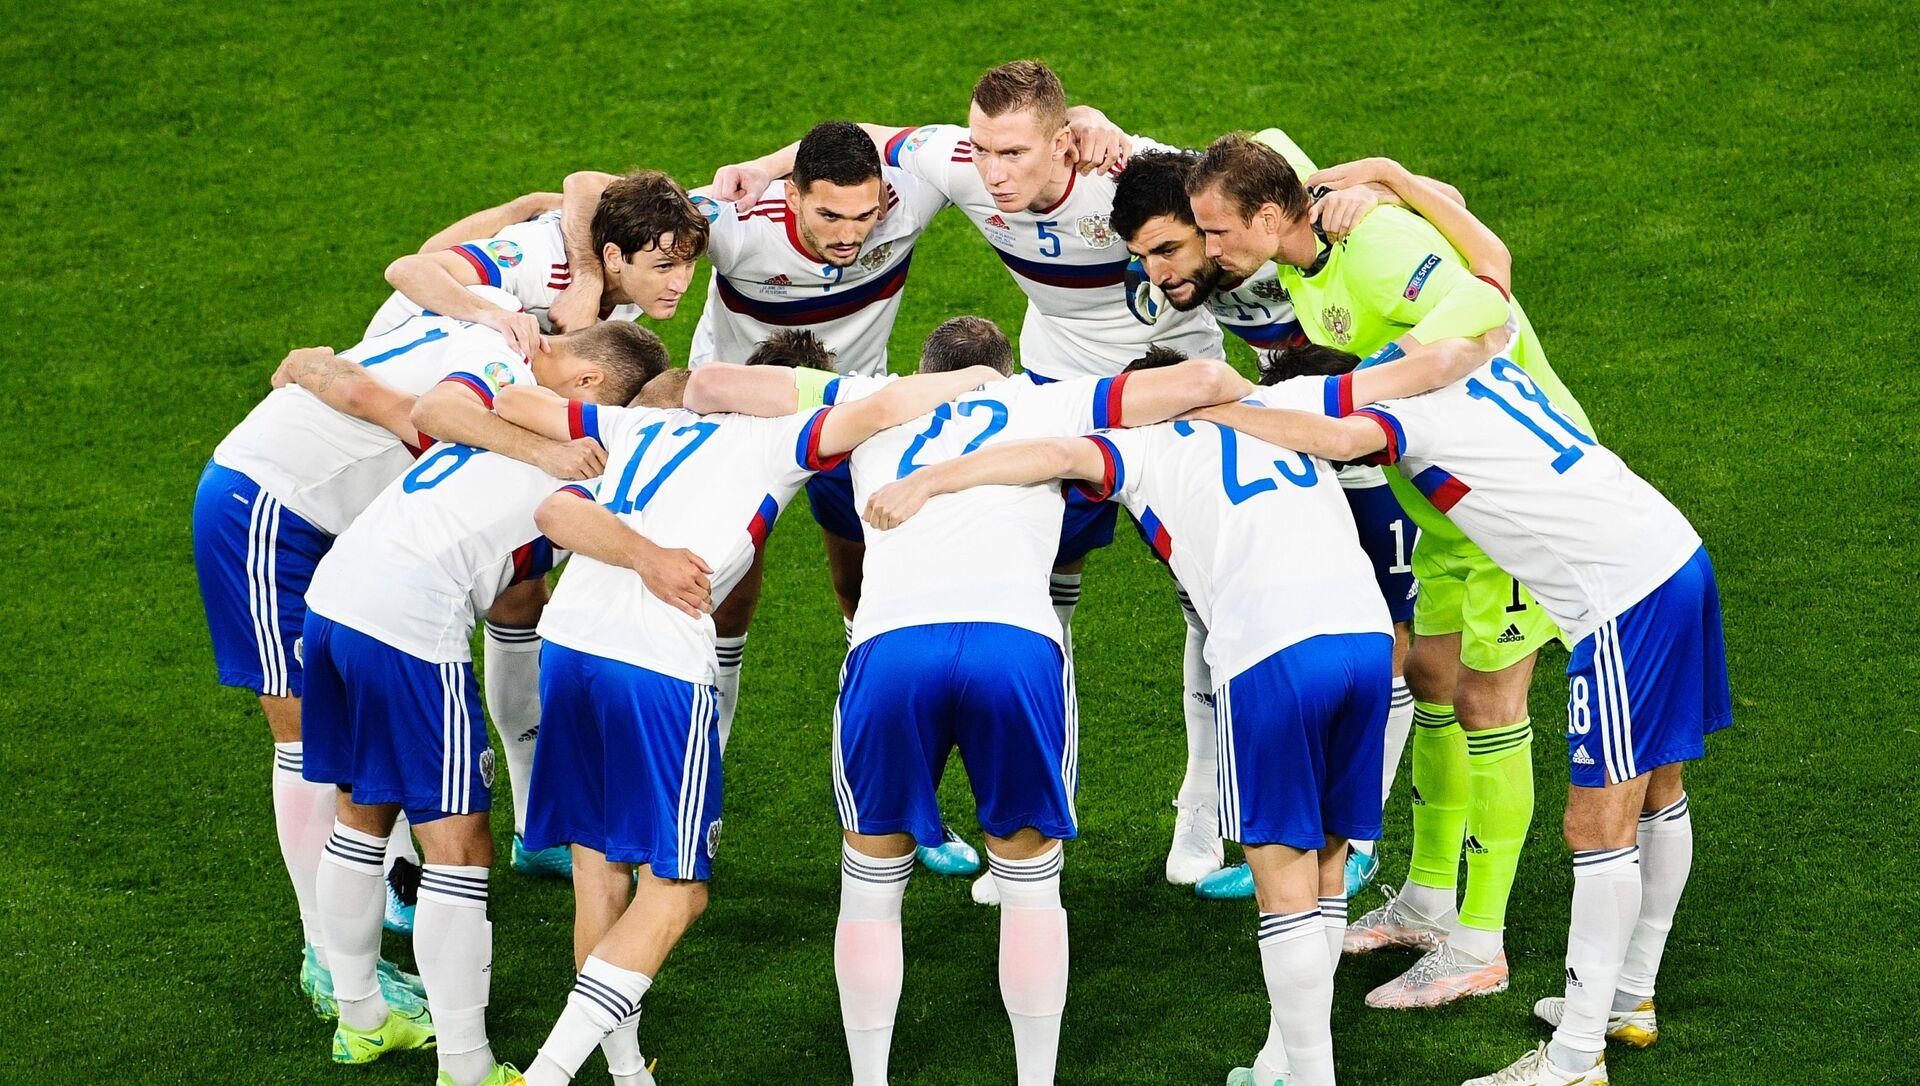 Các cầu thủ đội tuyển Nga trước lúc xuất quân bắt đầu lượt đấu vòng bảng thứ nhất của EURO 2020. - Sputnik Việt Nam, 1920, 21.06.2021